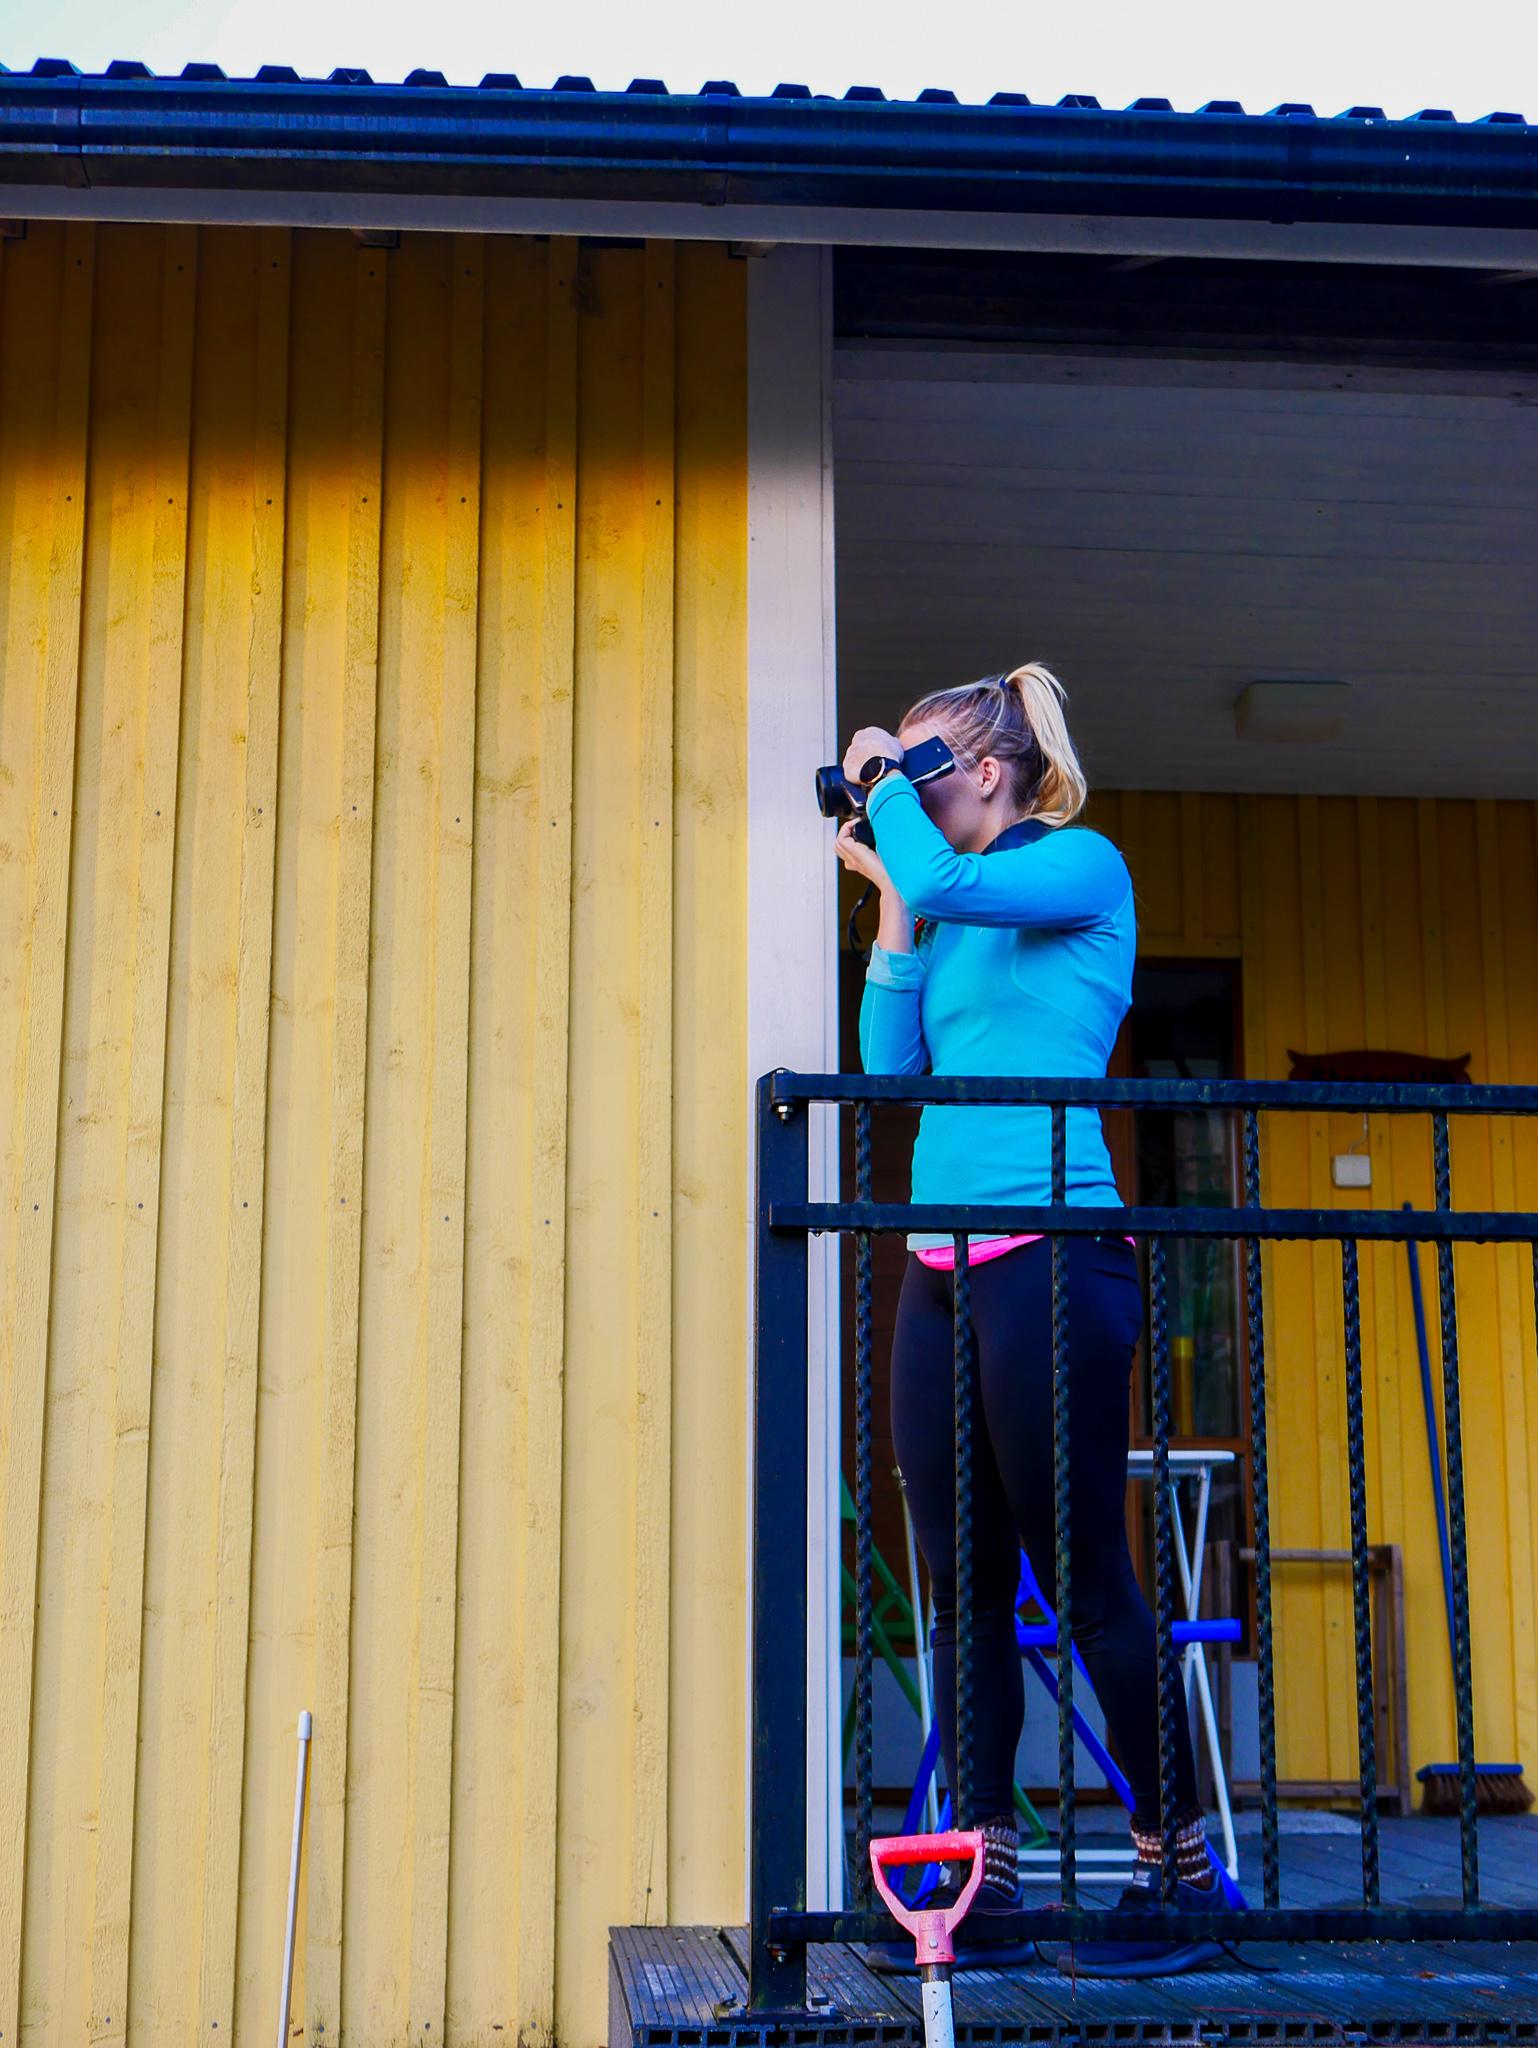 Jag ser COrinne som fotograf, kock, yogainstruktör och bloggare. Sjukt bra på allt dessutom.